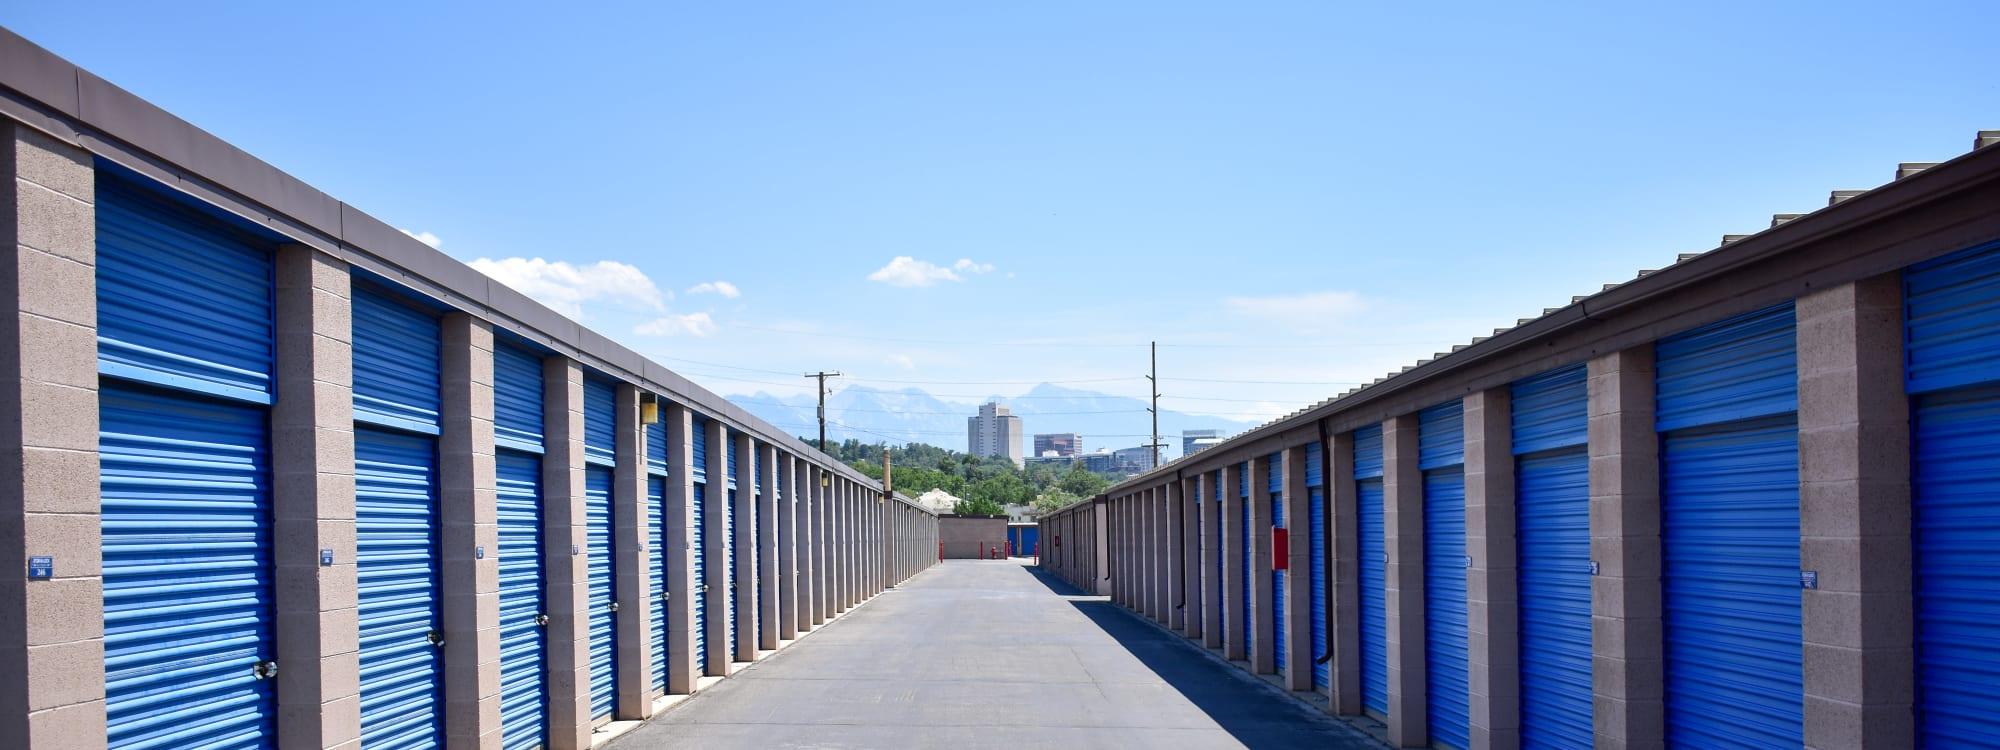 STOR-N-LOCK Self Storage in Salt Lake City, Utah